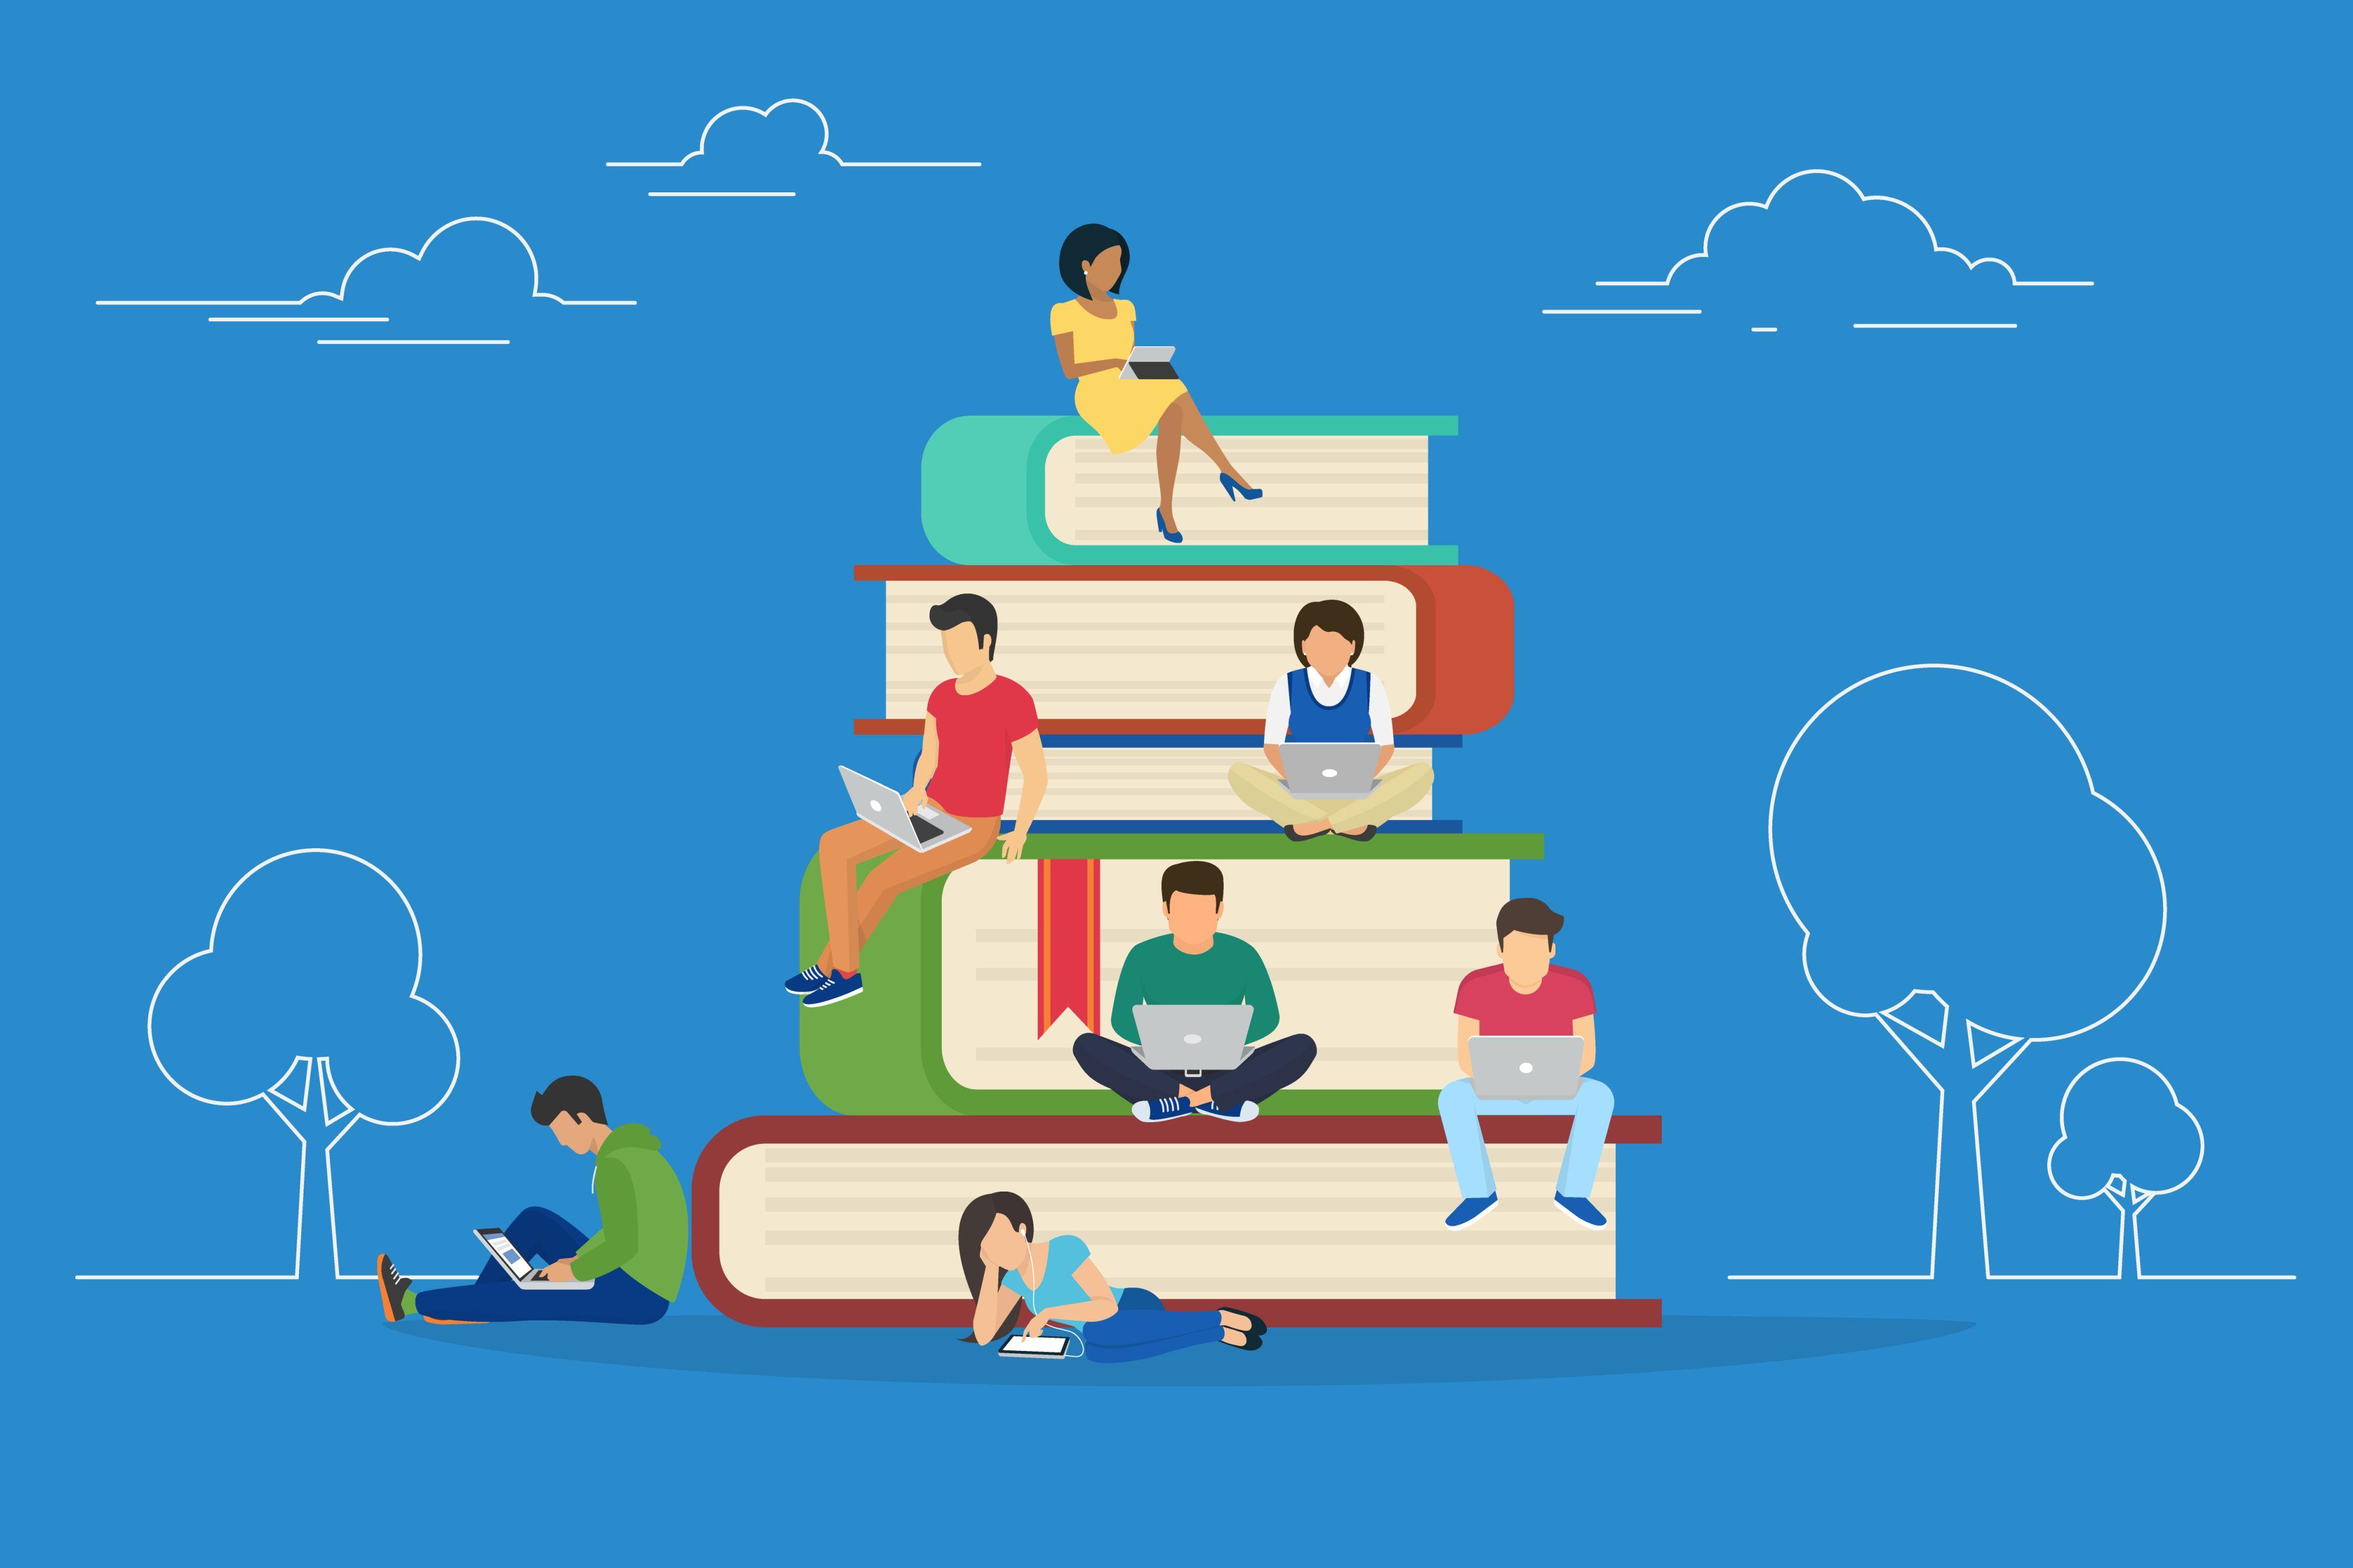 Dbając o motywację, zaangażowanie oraz o zachowanie zdrowego balansu pomiędzy życiem prywatnym a zawodowym, firmy nie mogą oczywiście zapominać o aktualizowaniu wiedzy pracowników. (Fot. Shutterstock)